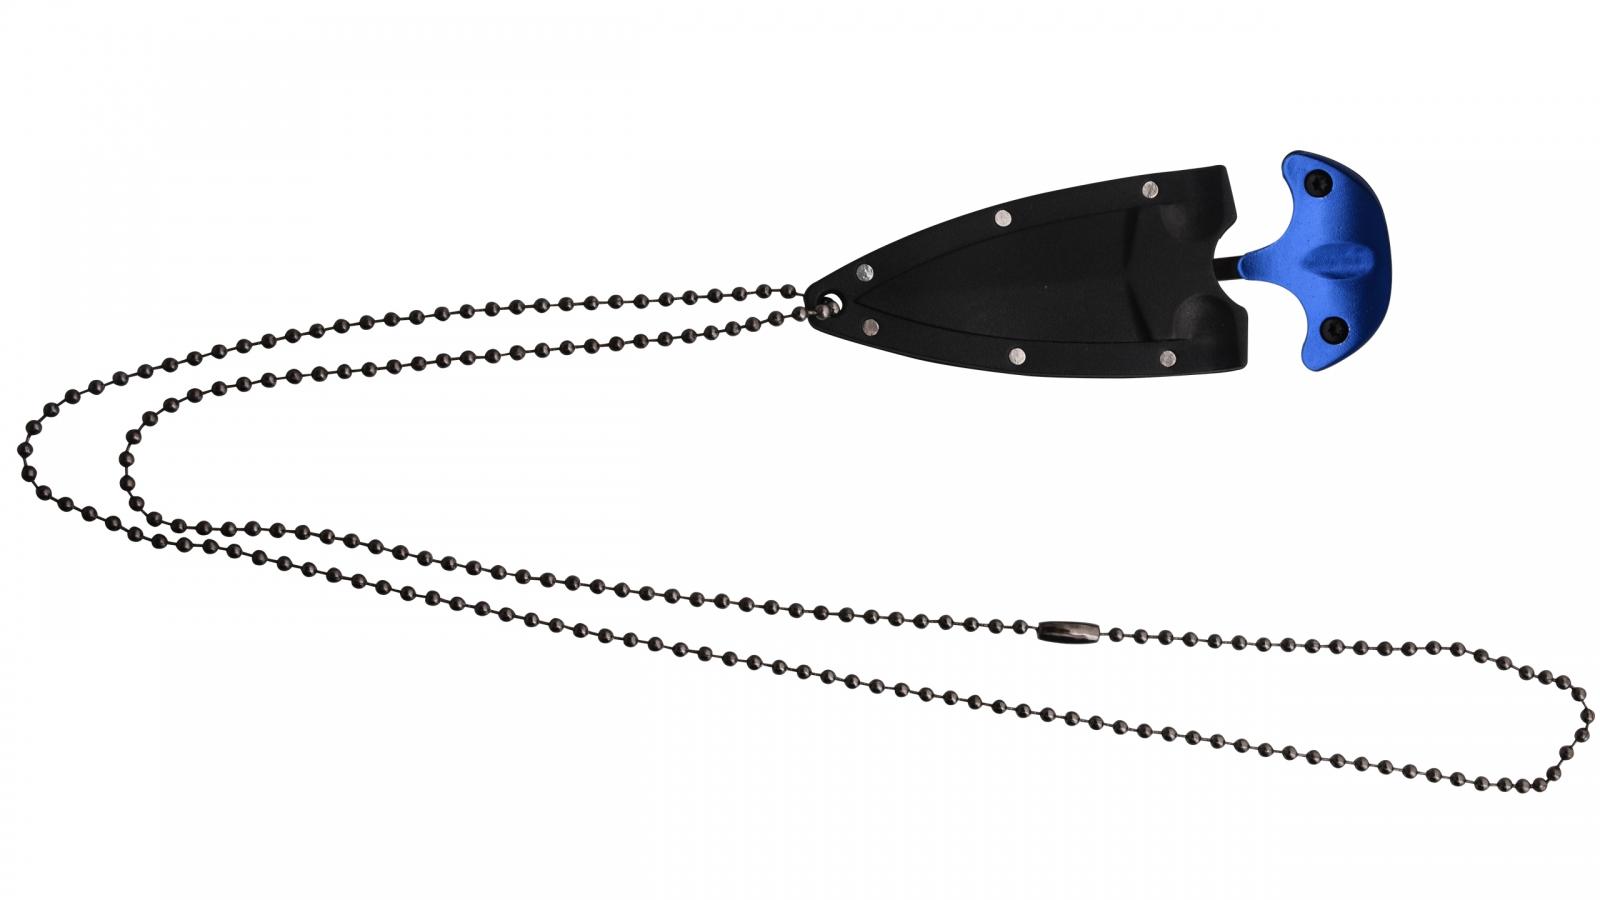 Нож Пуш-даггер - ножны для ношения